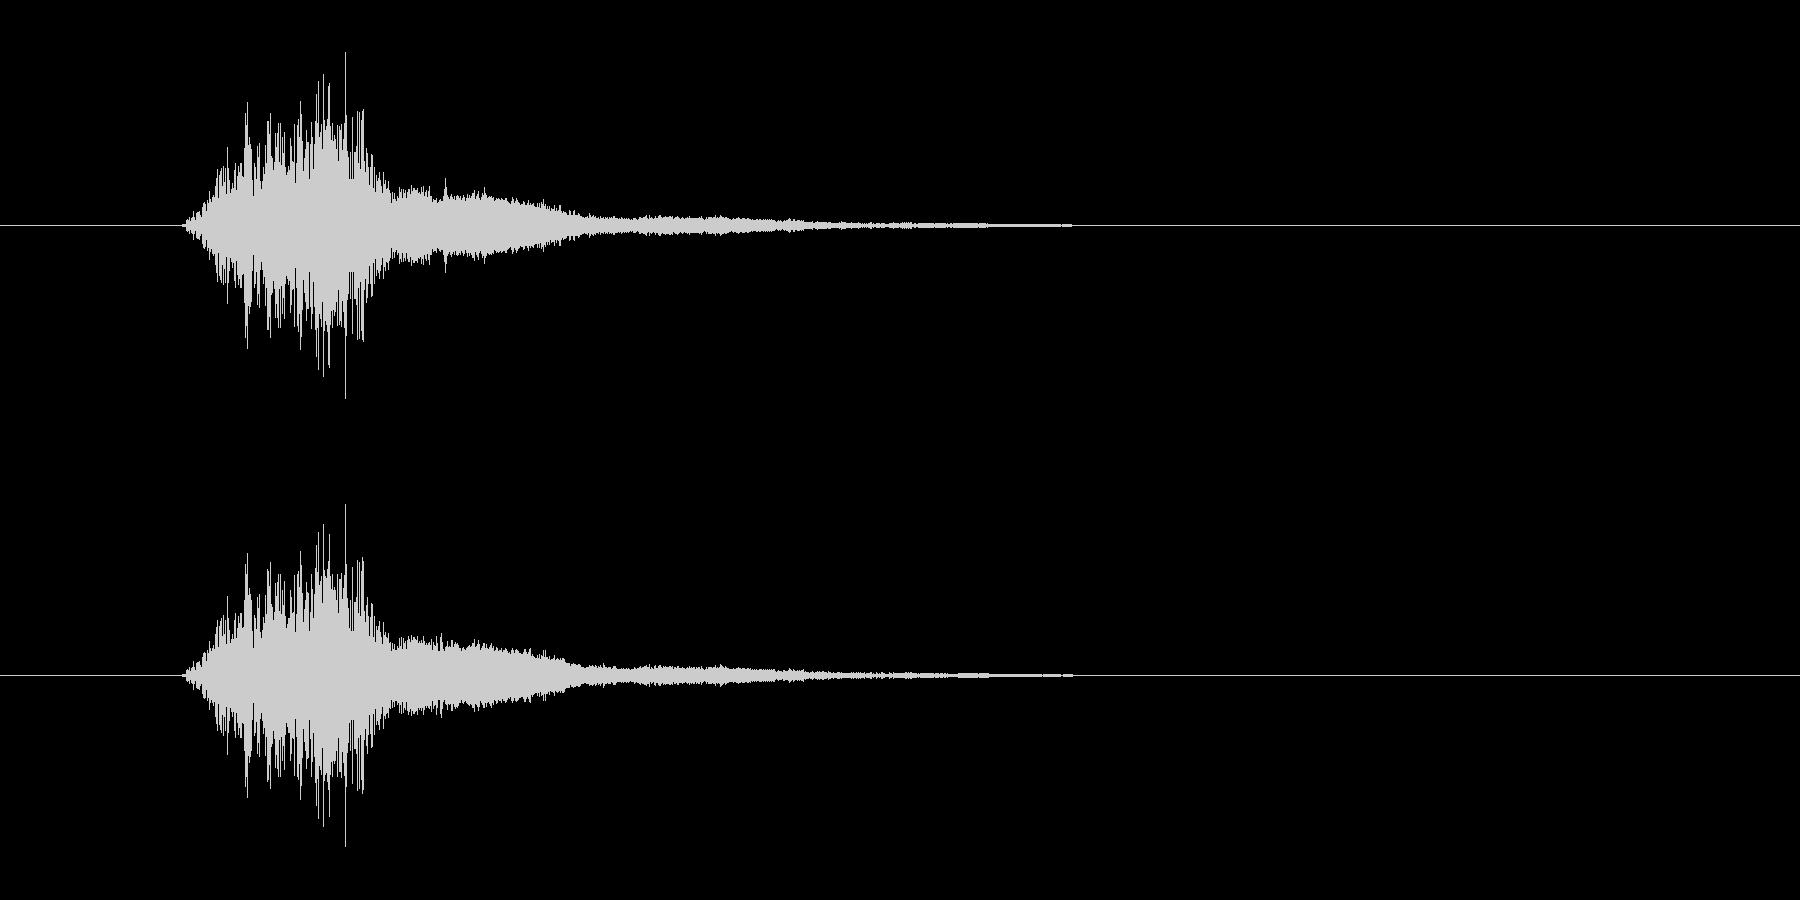 シャキーン 剣を高くかざす演出の時の音…の未再生の波形